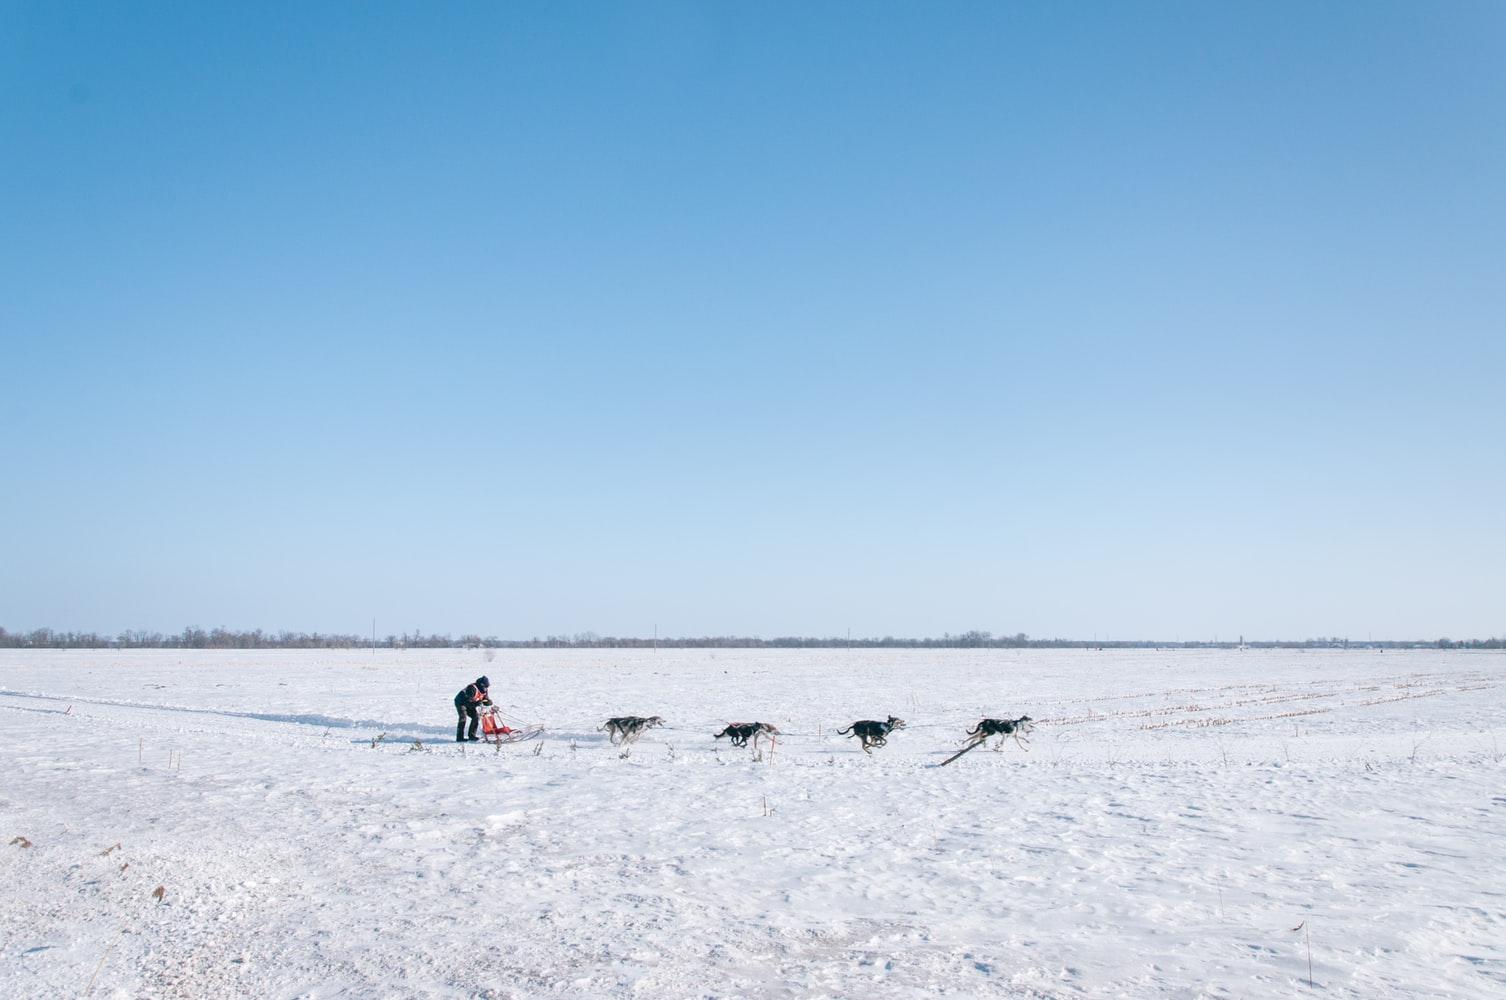 chiens de traineaux photo-1414542944327-af2efba3d04f